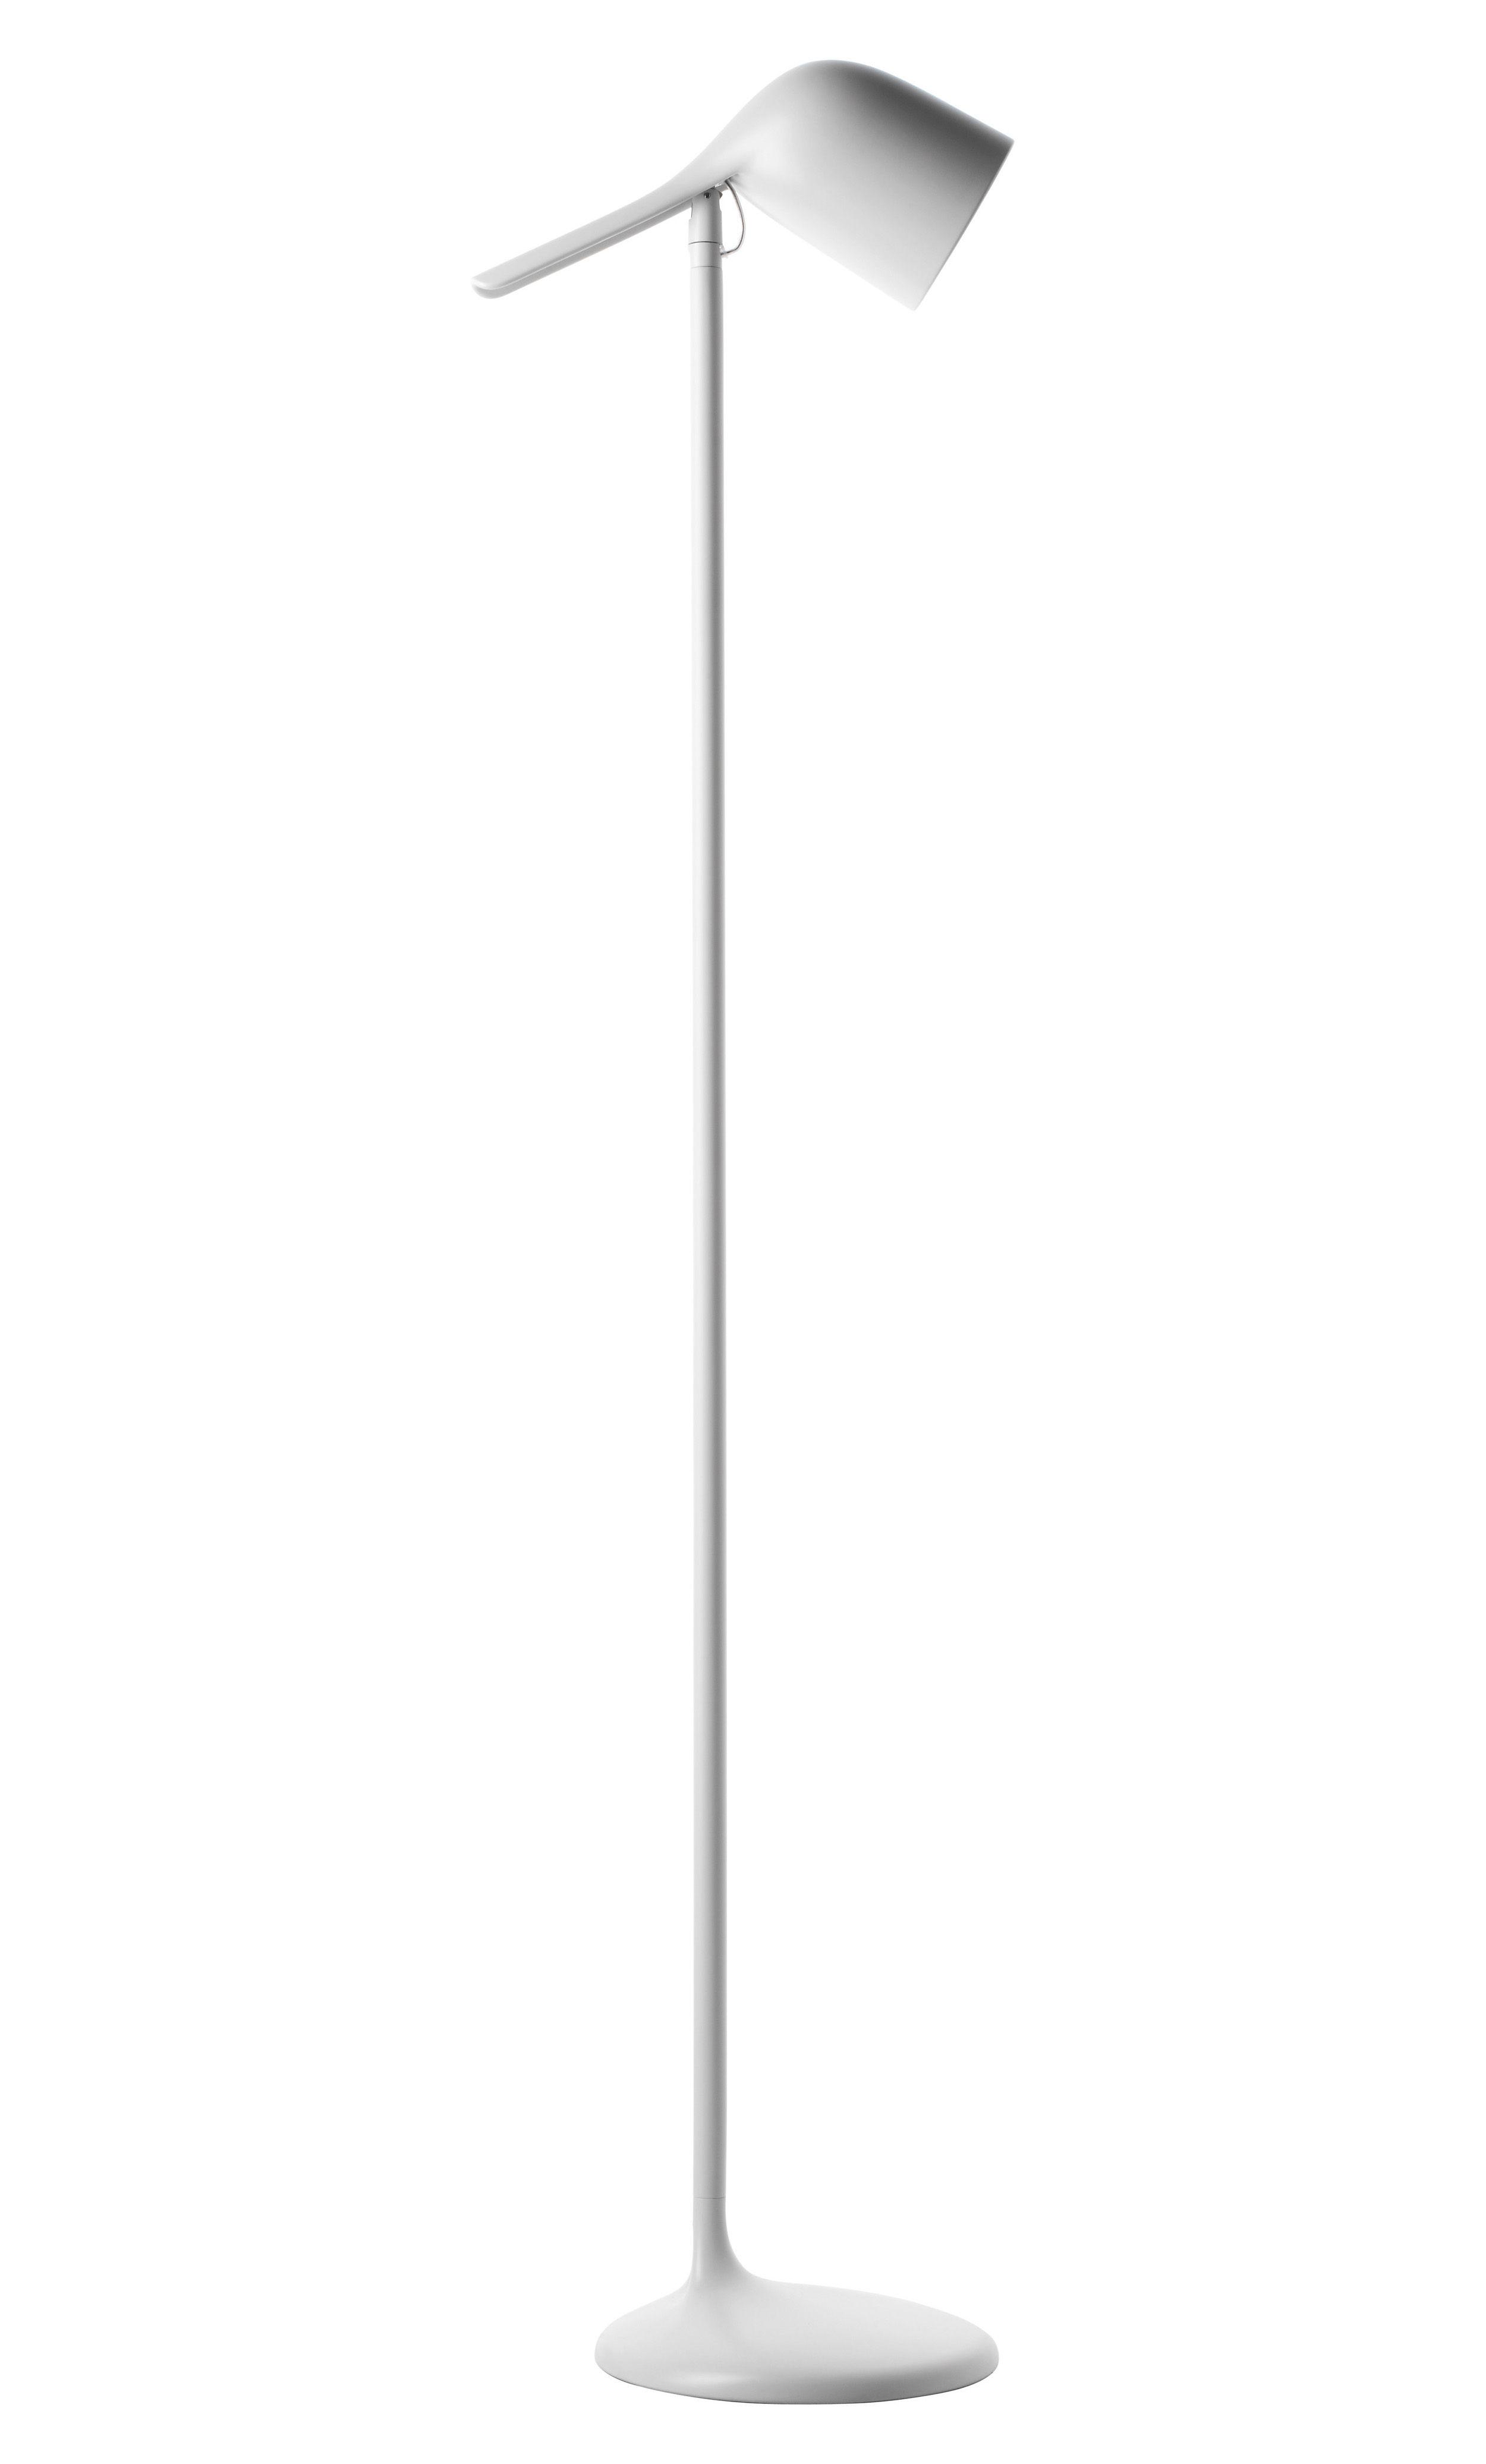 Luminaire - Lampadaires - Lampadaire Colibri / H 145 cm - Foscarini - Blanc - Aluminium, Polycarbonate